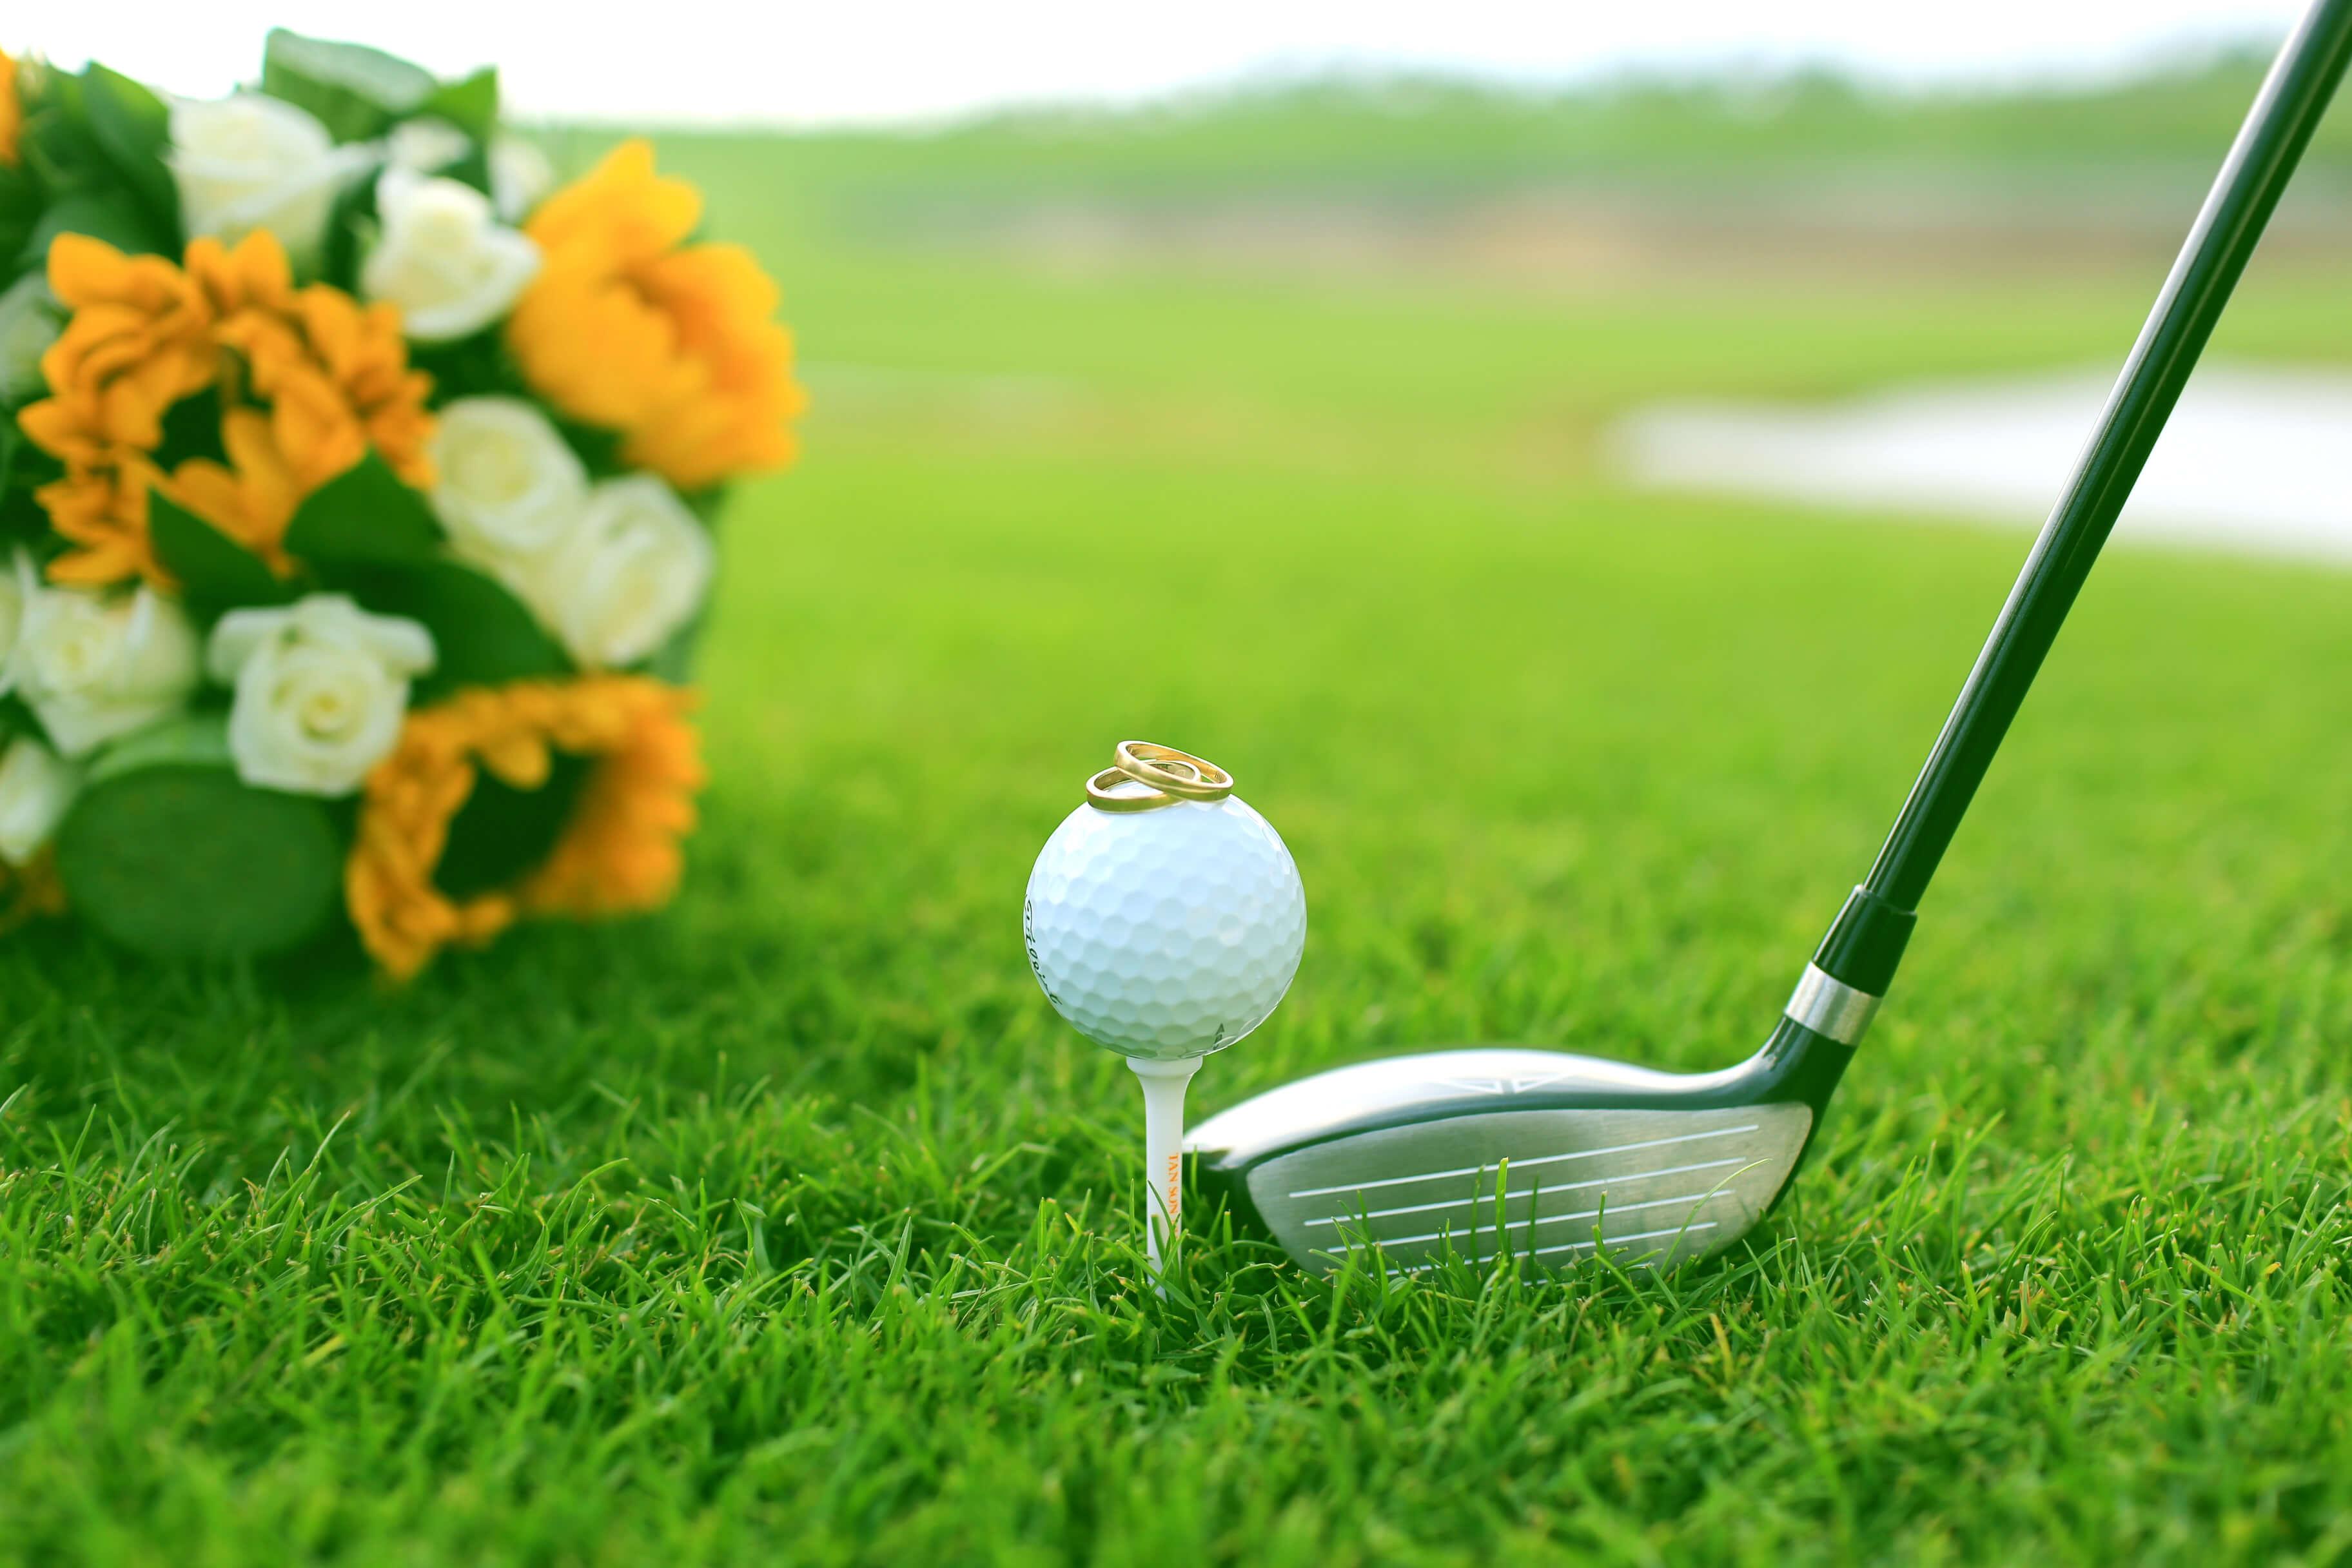 Trung Tâm Hội nghị - Tiệc Cưới Long Biên Palace - Tân Sơn Nhất Golf Marry